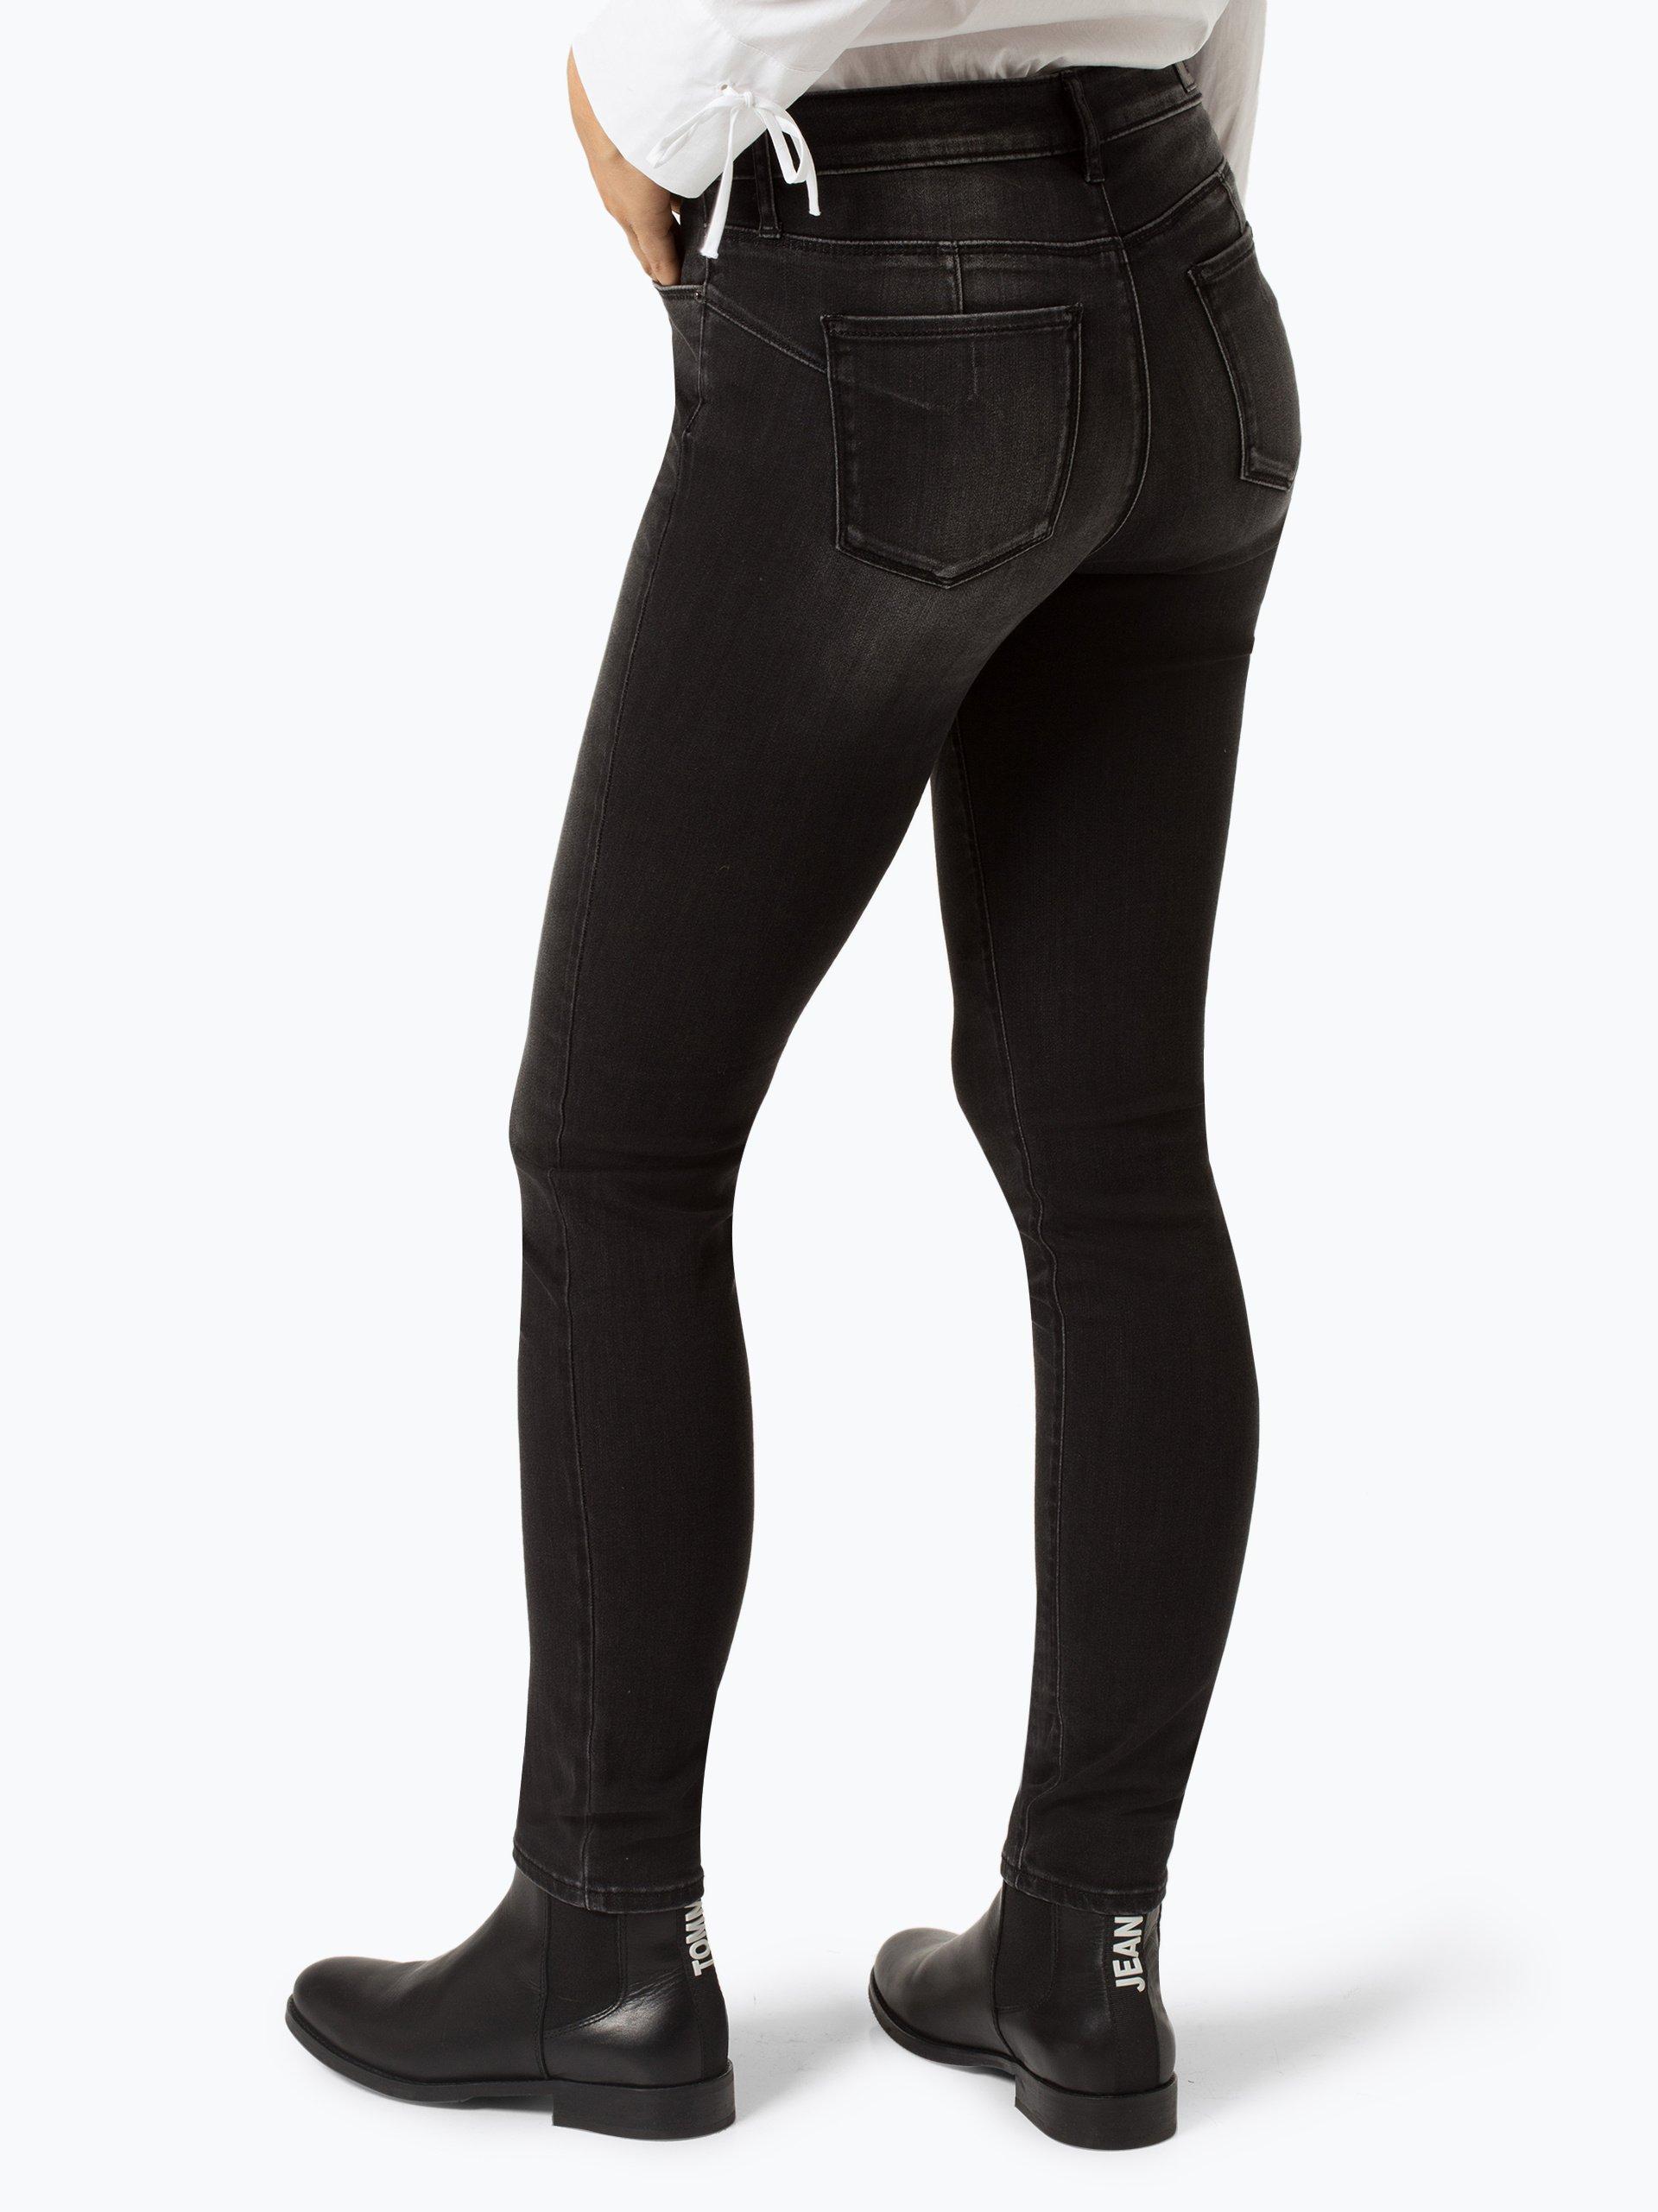 Armani Exchange Damen Jeans - J69